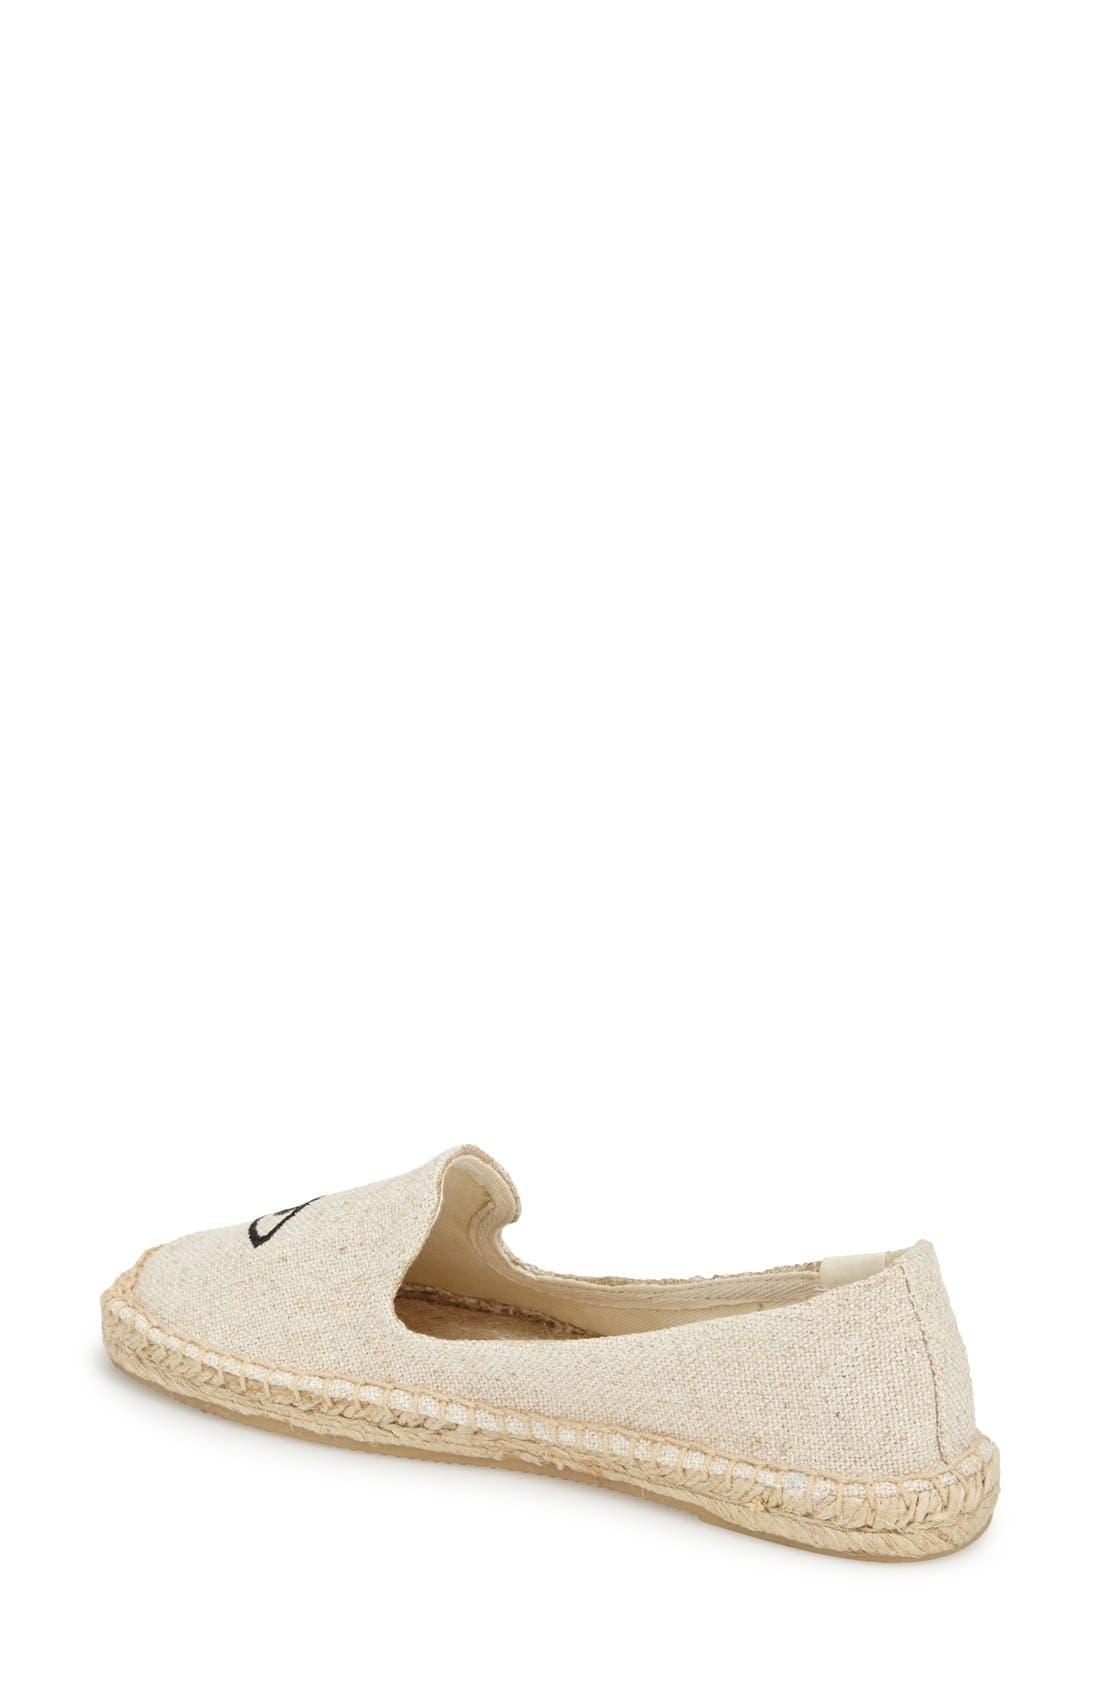 c774821a99d0 Soludos Shoes